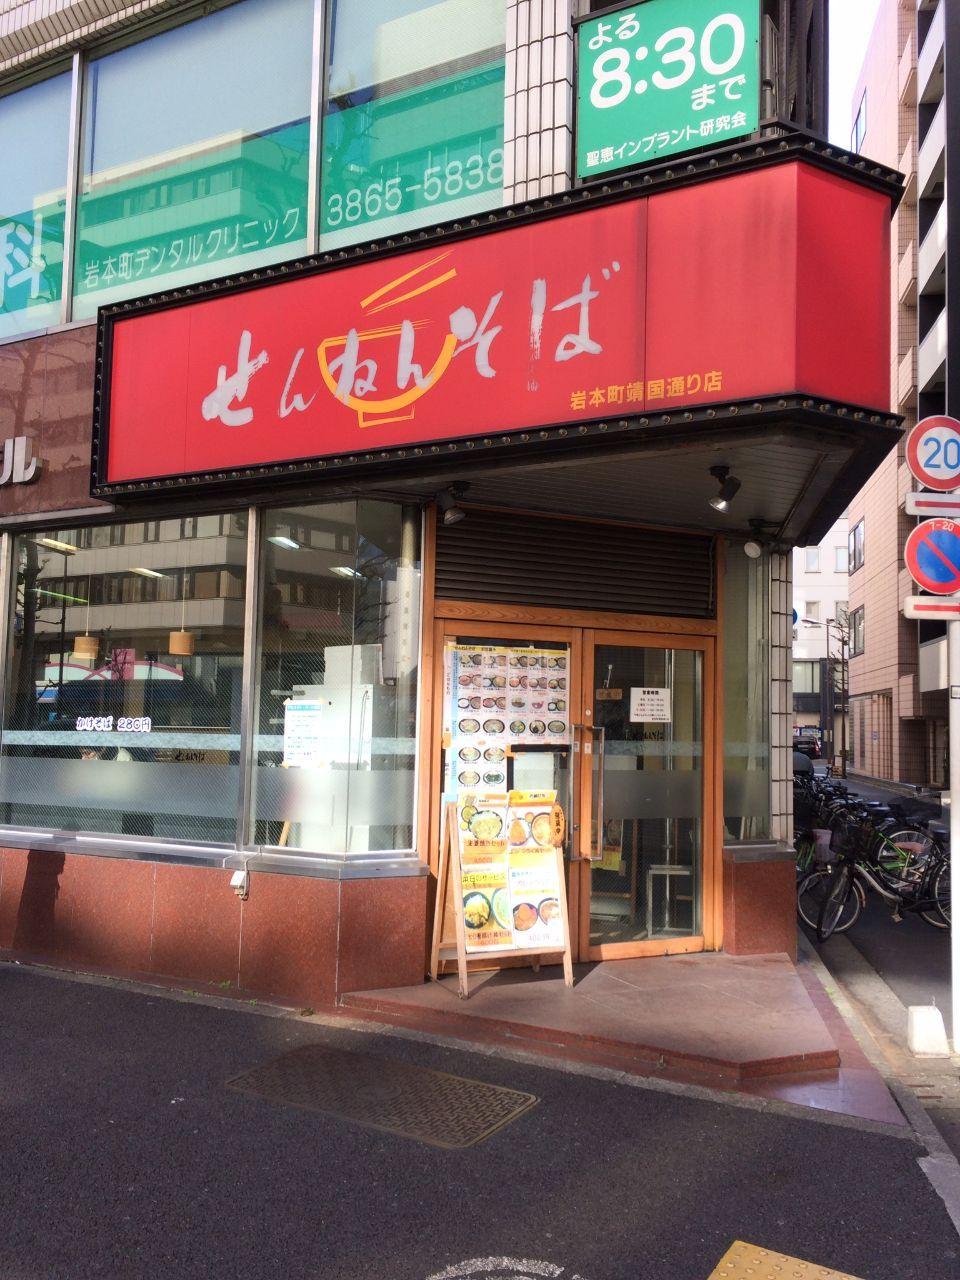 ☆金澤とことこ☆ 管理人が遠出して釜めしを食べに行ったのかと思ってしまったので一席。  学生時代に18きっぷで横川に行